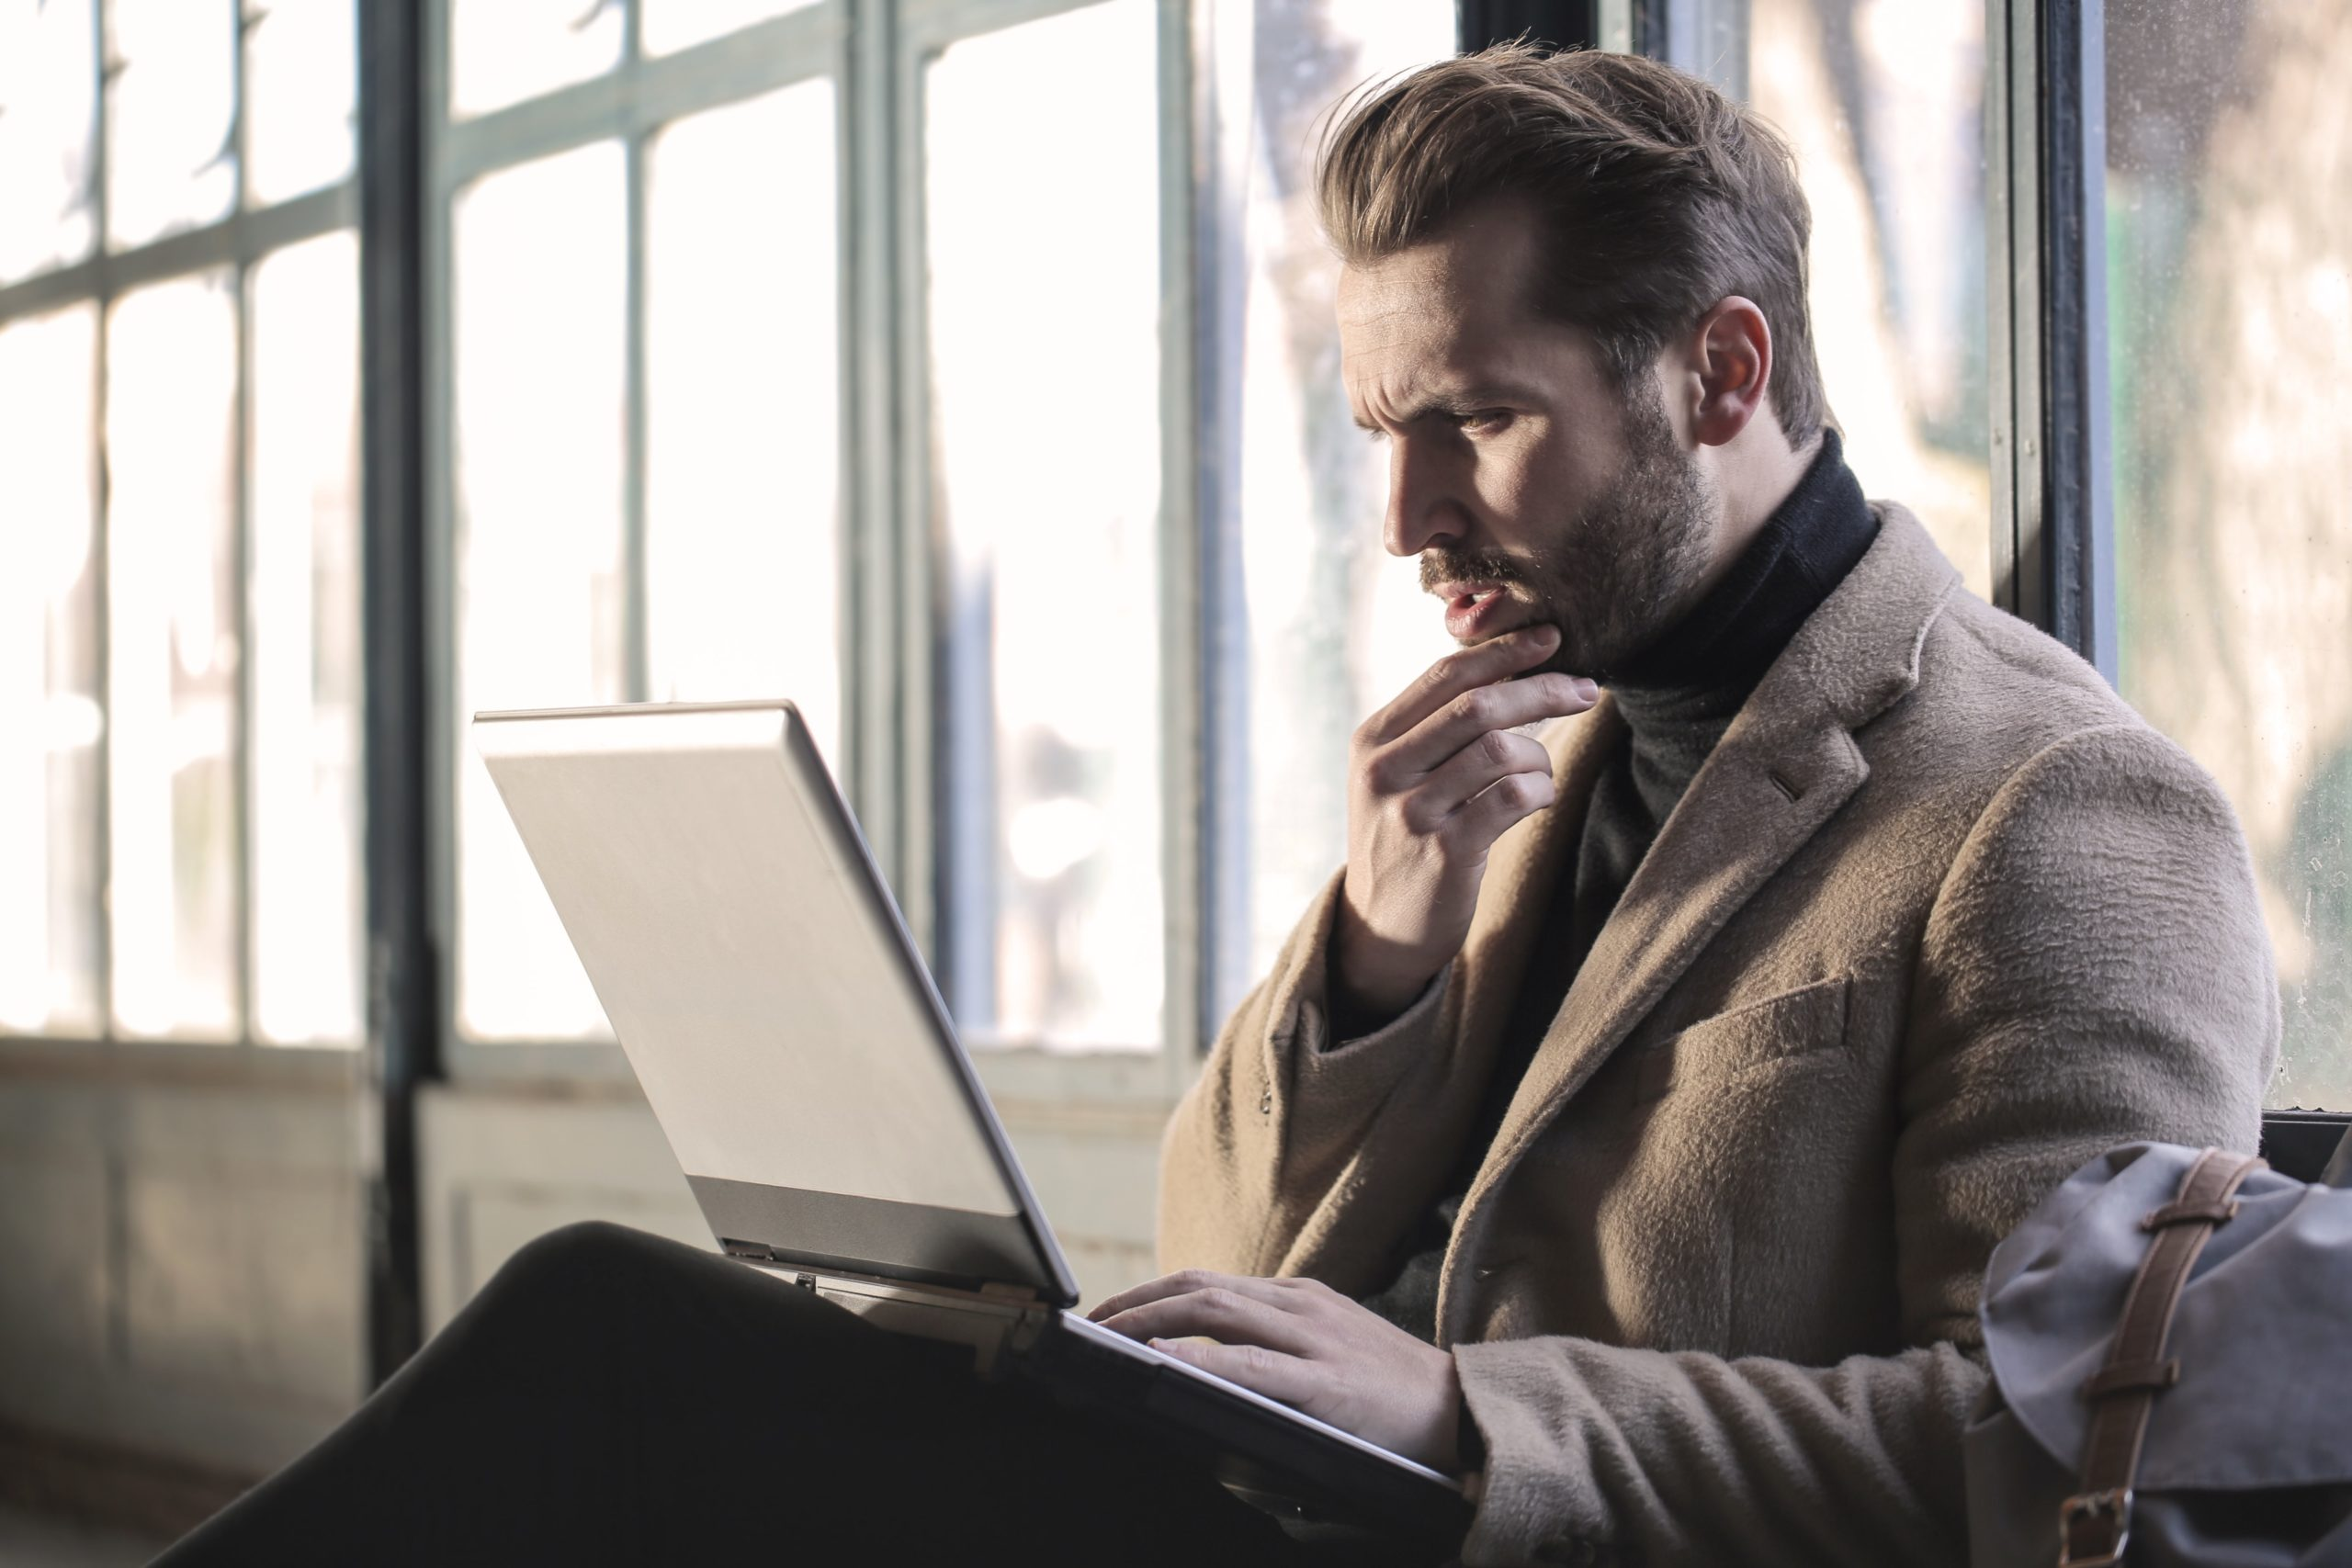 つなぎバイトを転職活動に上手く使えないかおすすめを探す男性